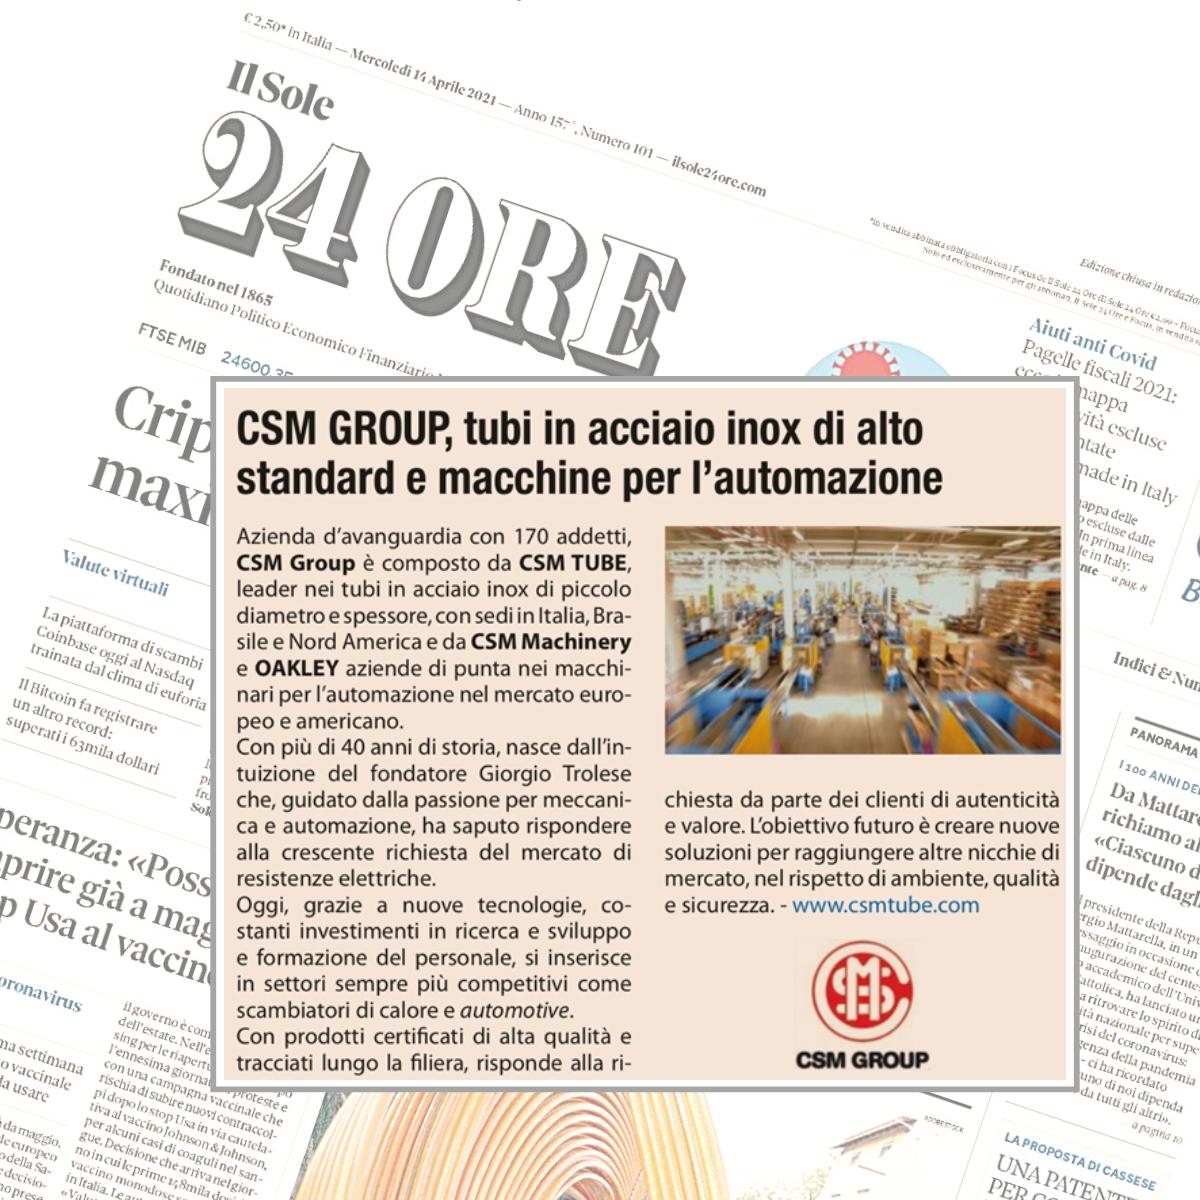 Articolo Sole 24 Ore VENETO CENTRO